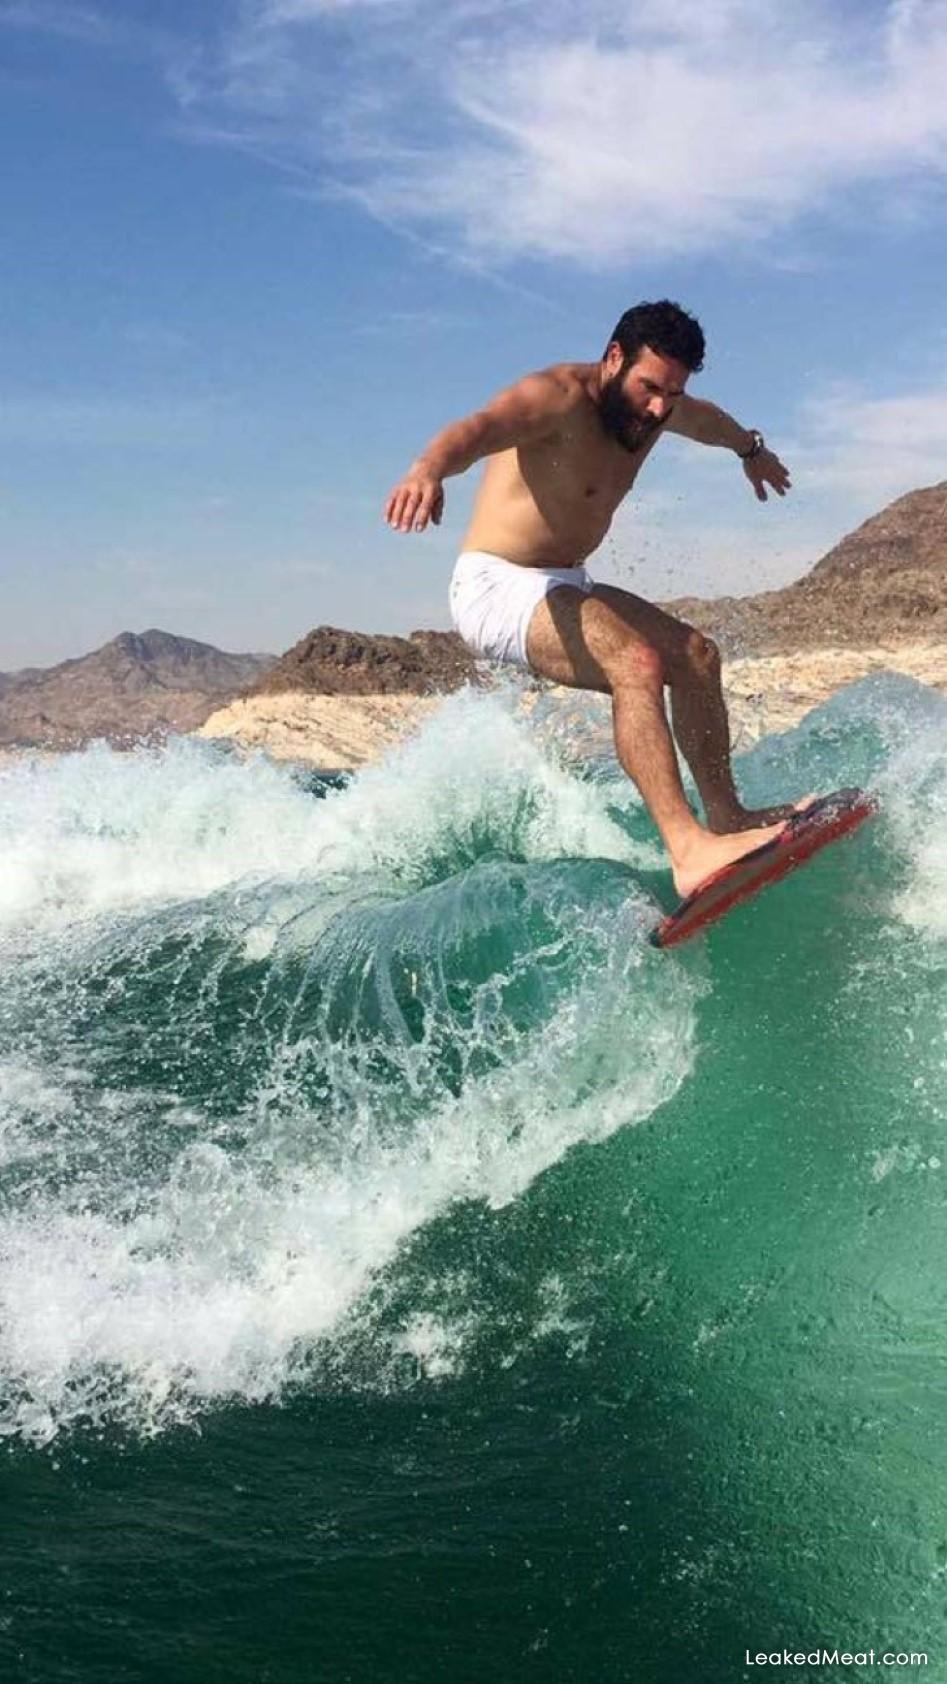 Dan Bilzerian extreme sports